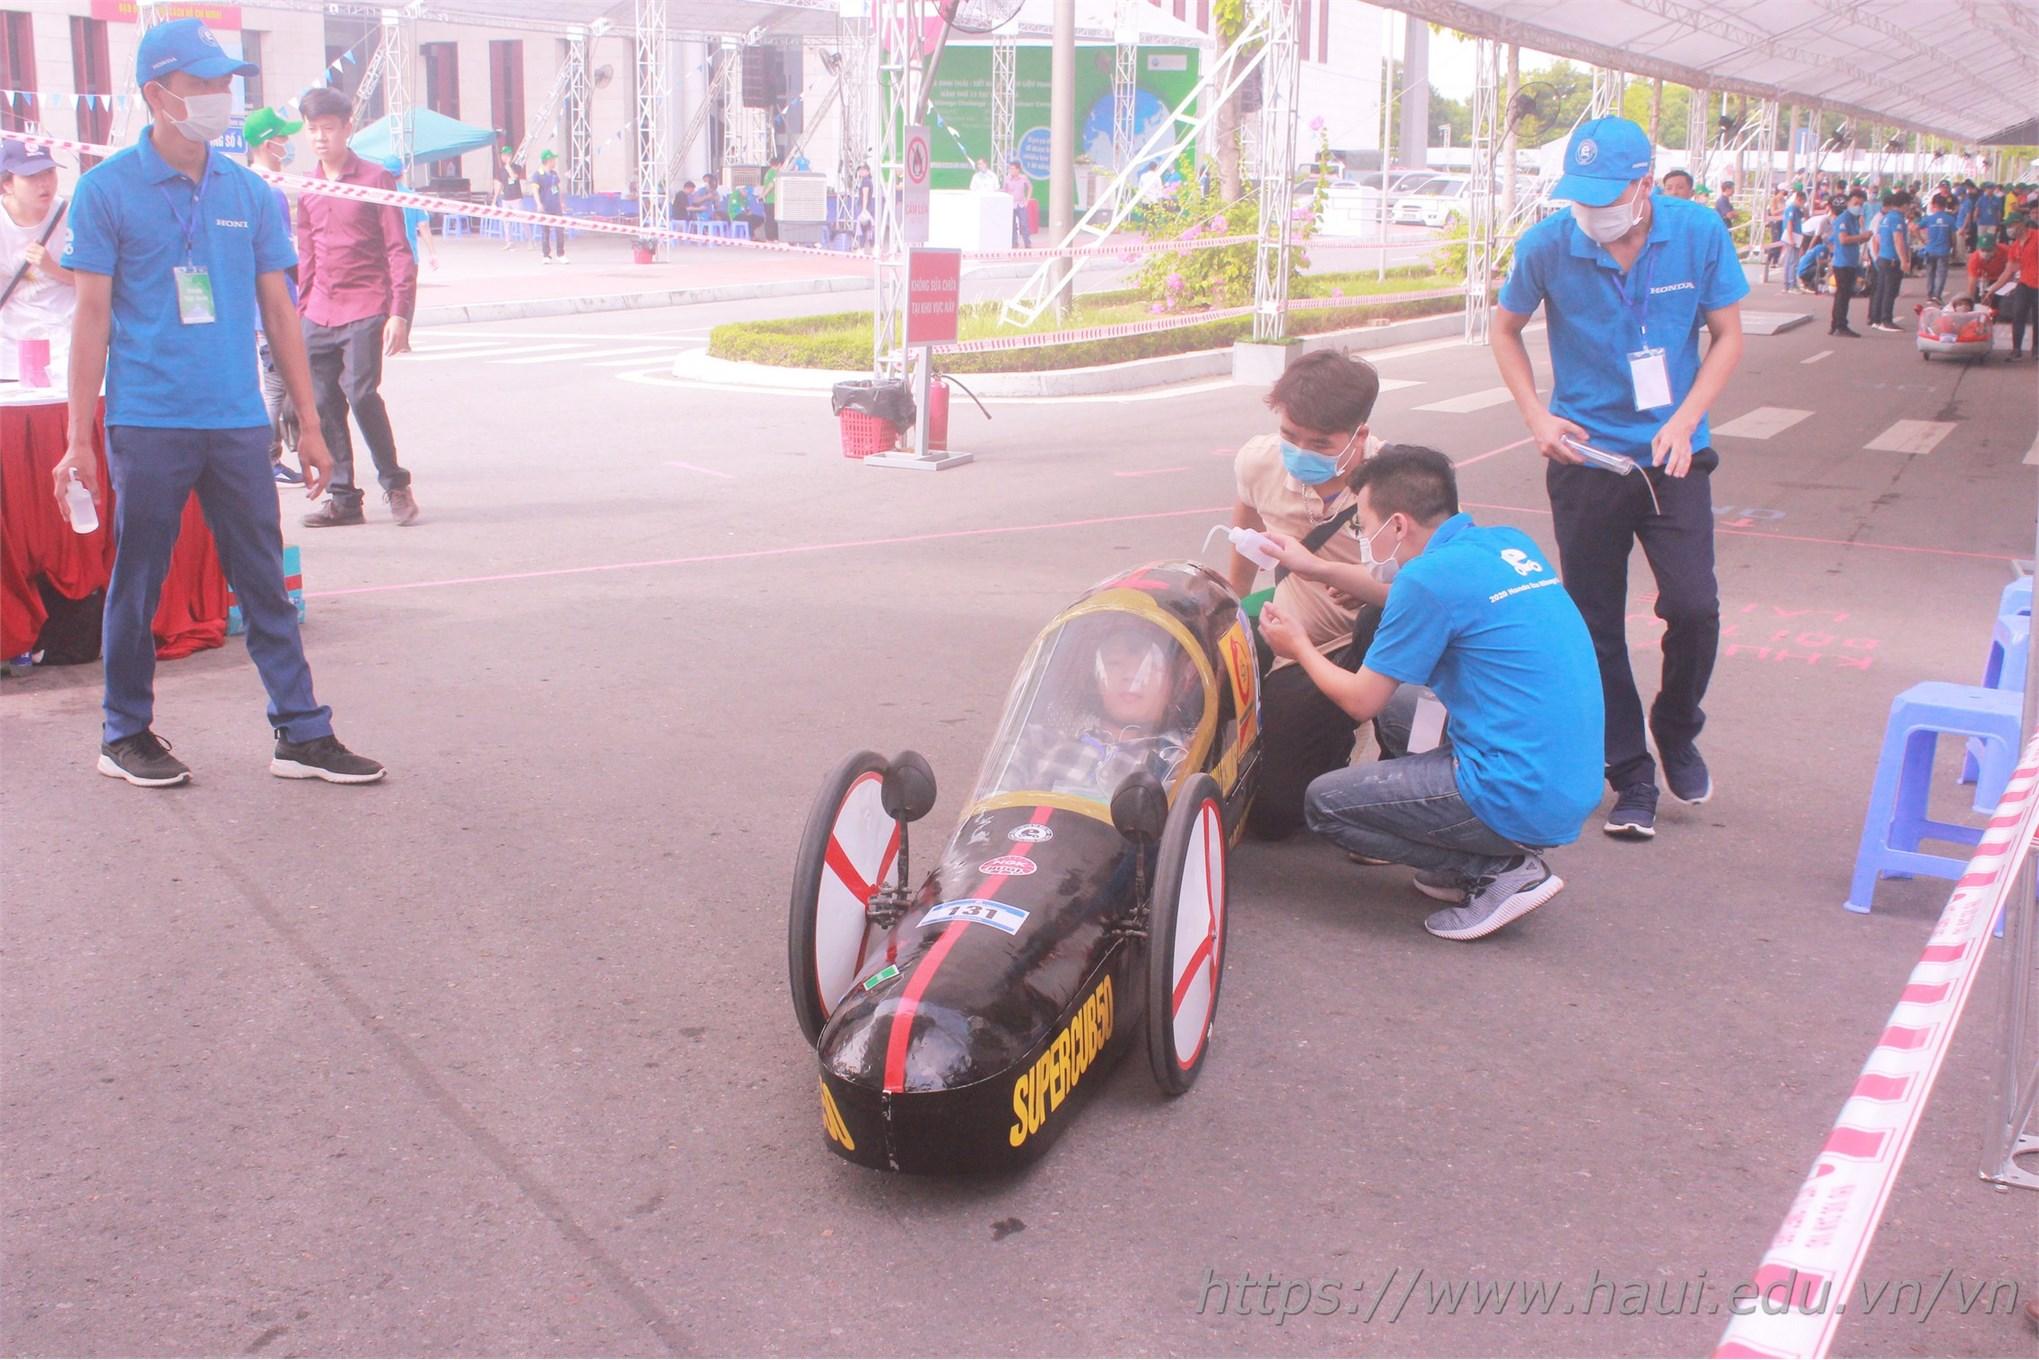 Đội kỹ thuật của Ban Tổ chức kiểm tra và bơm nhiên liệu lần cuối cho xe trước khi xuất phát